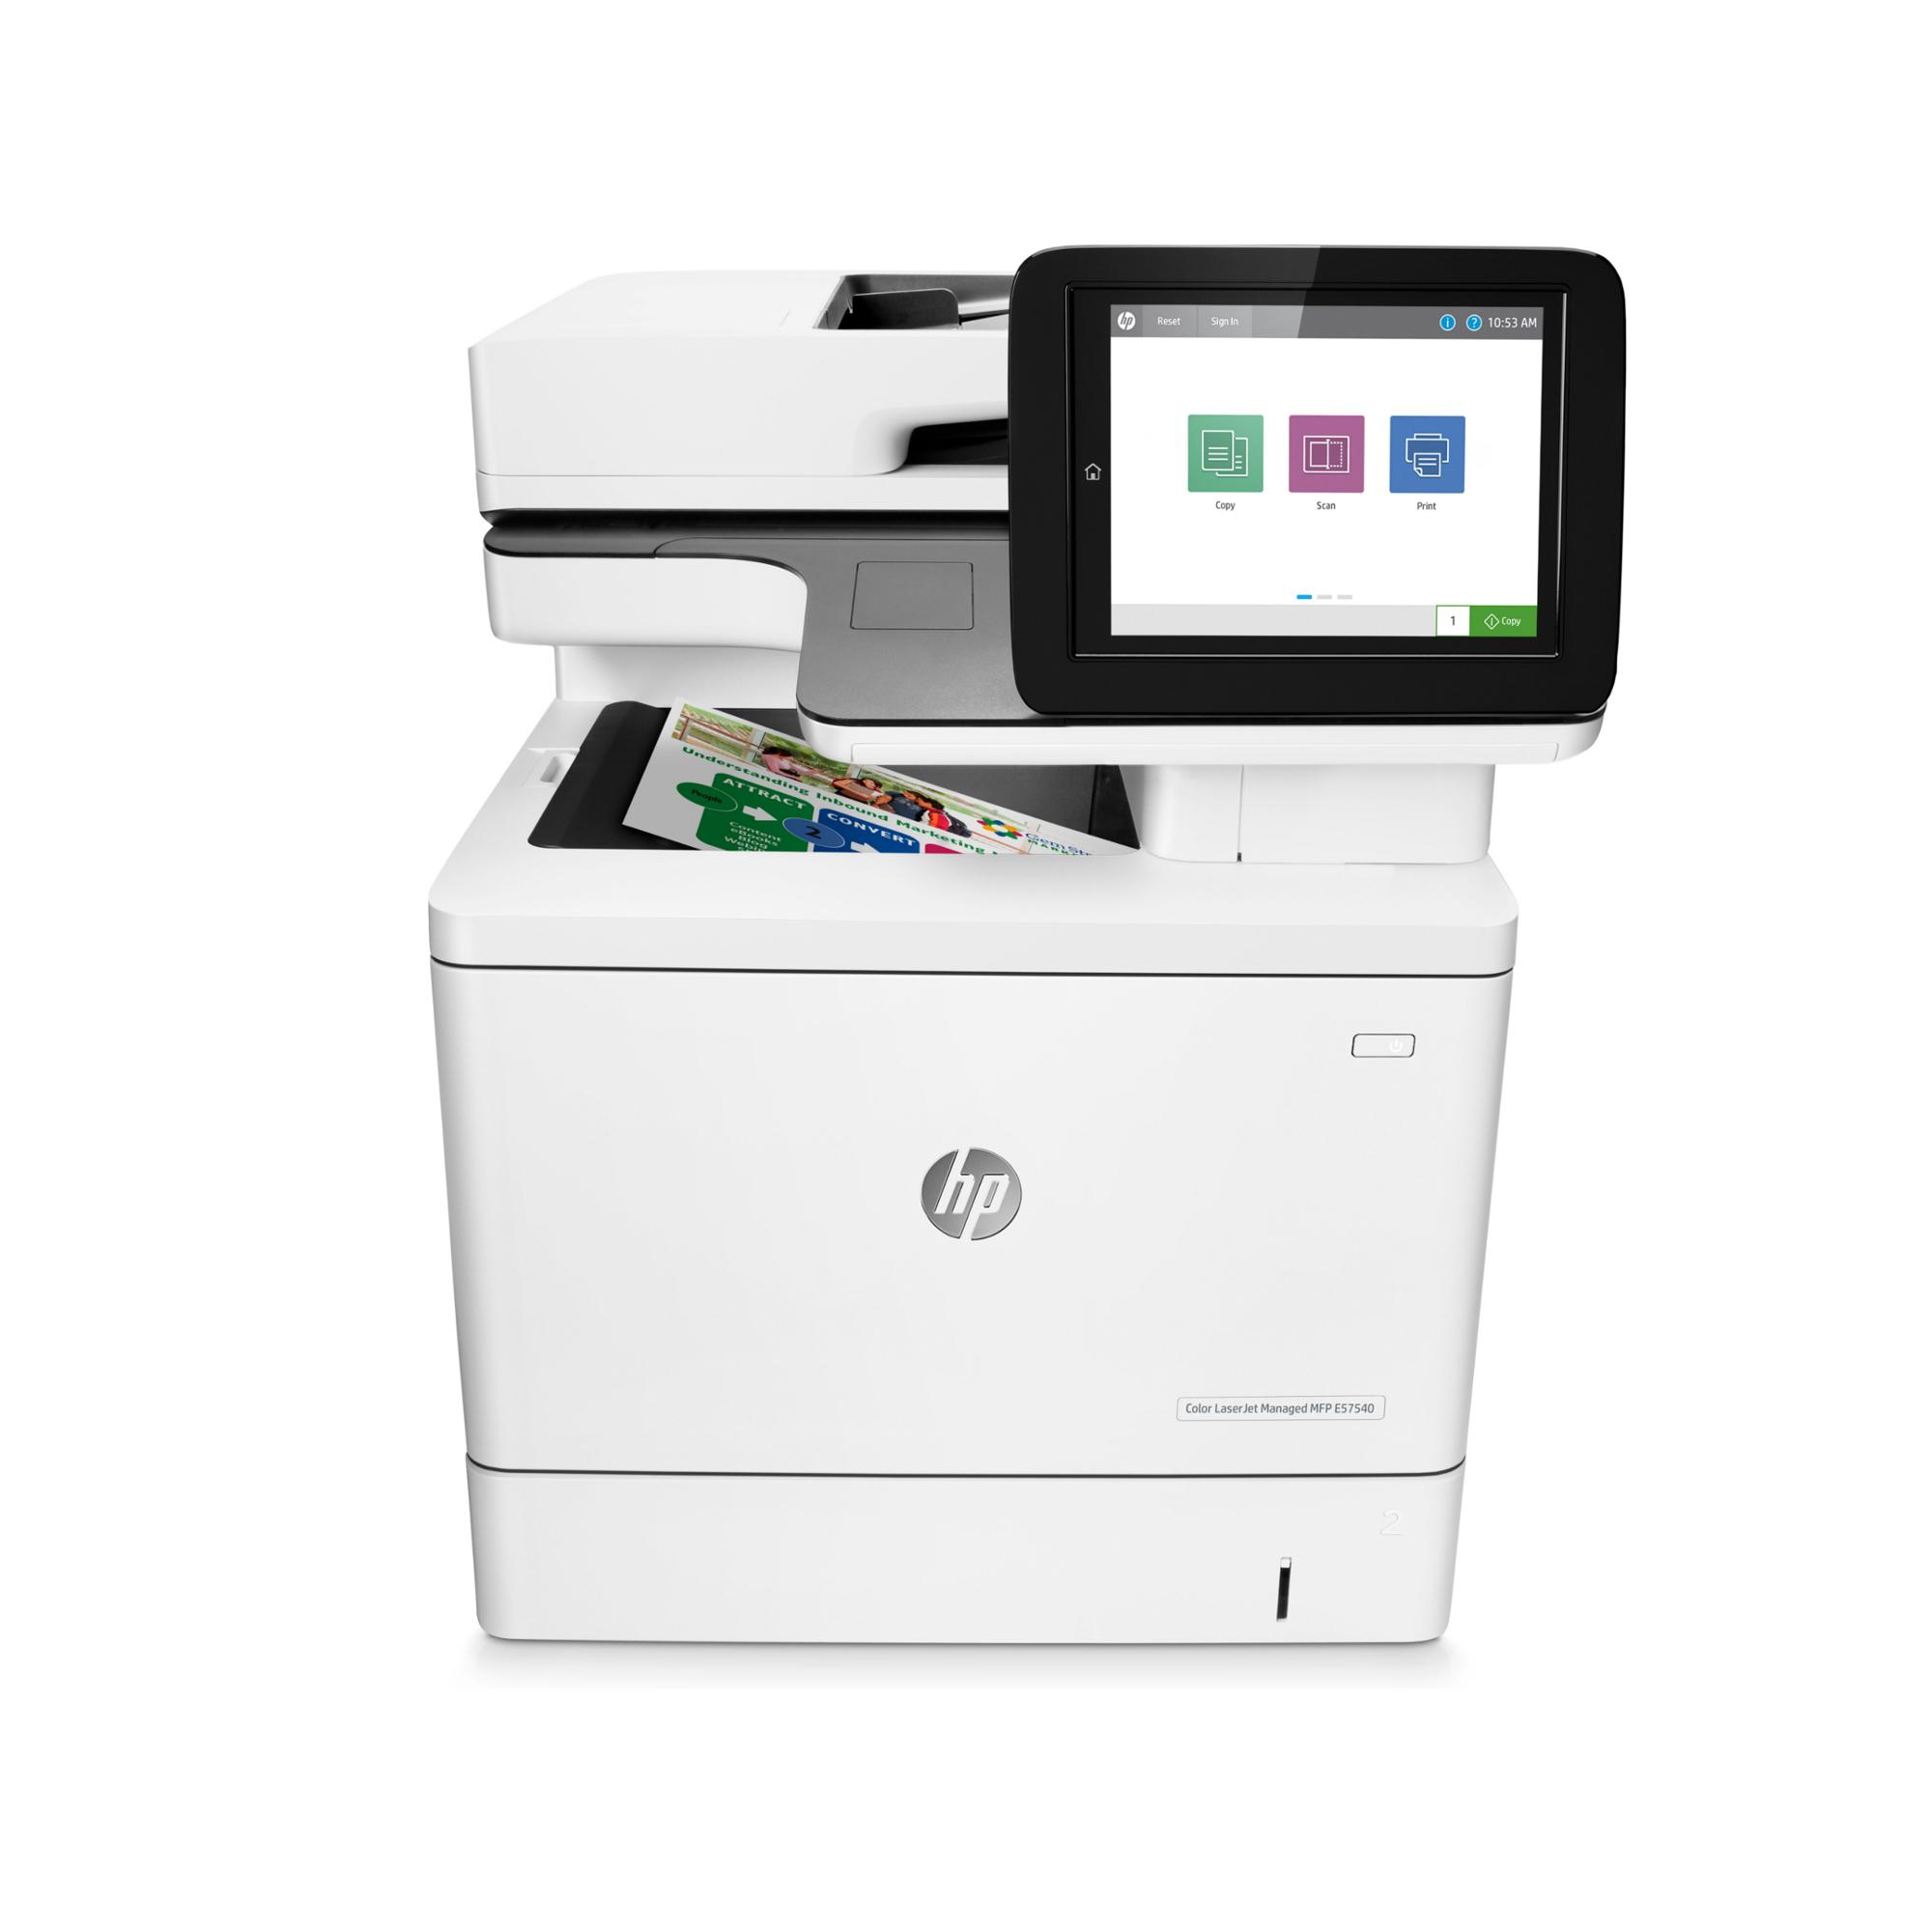 Noleggio Multifunzione HP Color LaserJet Managed MFP E57540dn - Lyreco print services